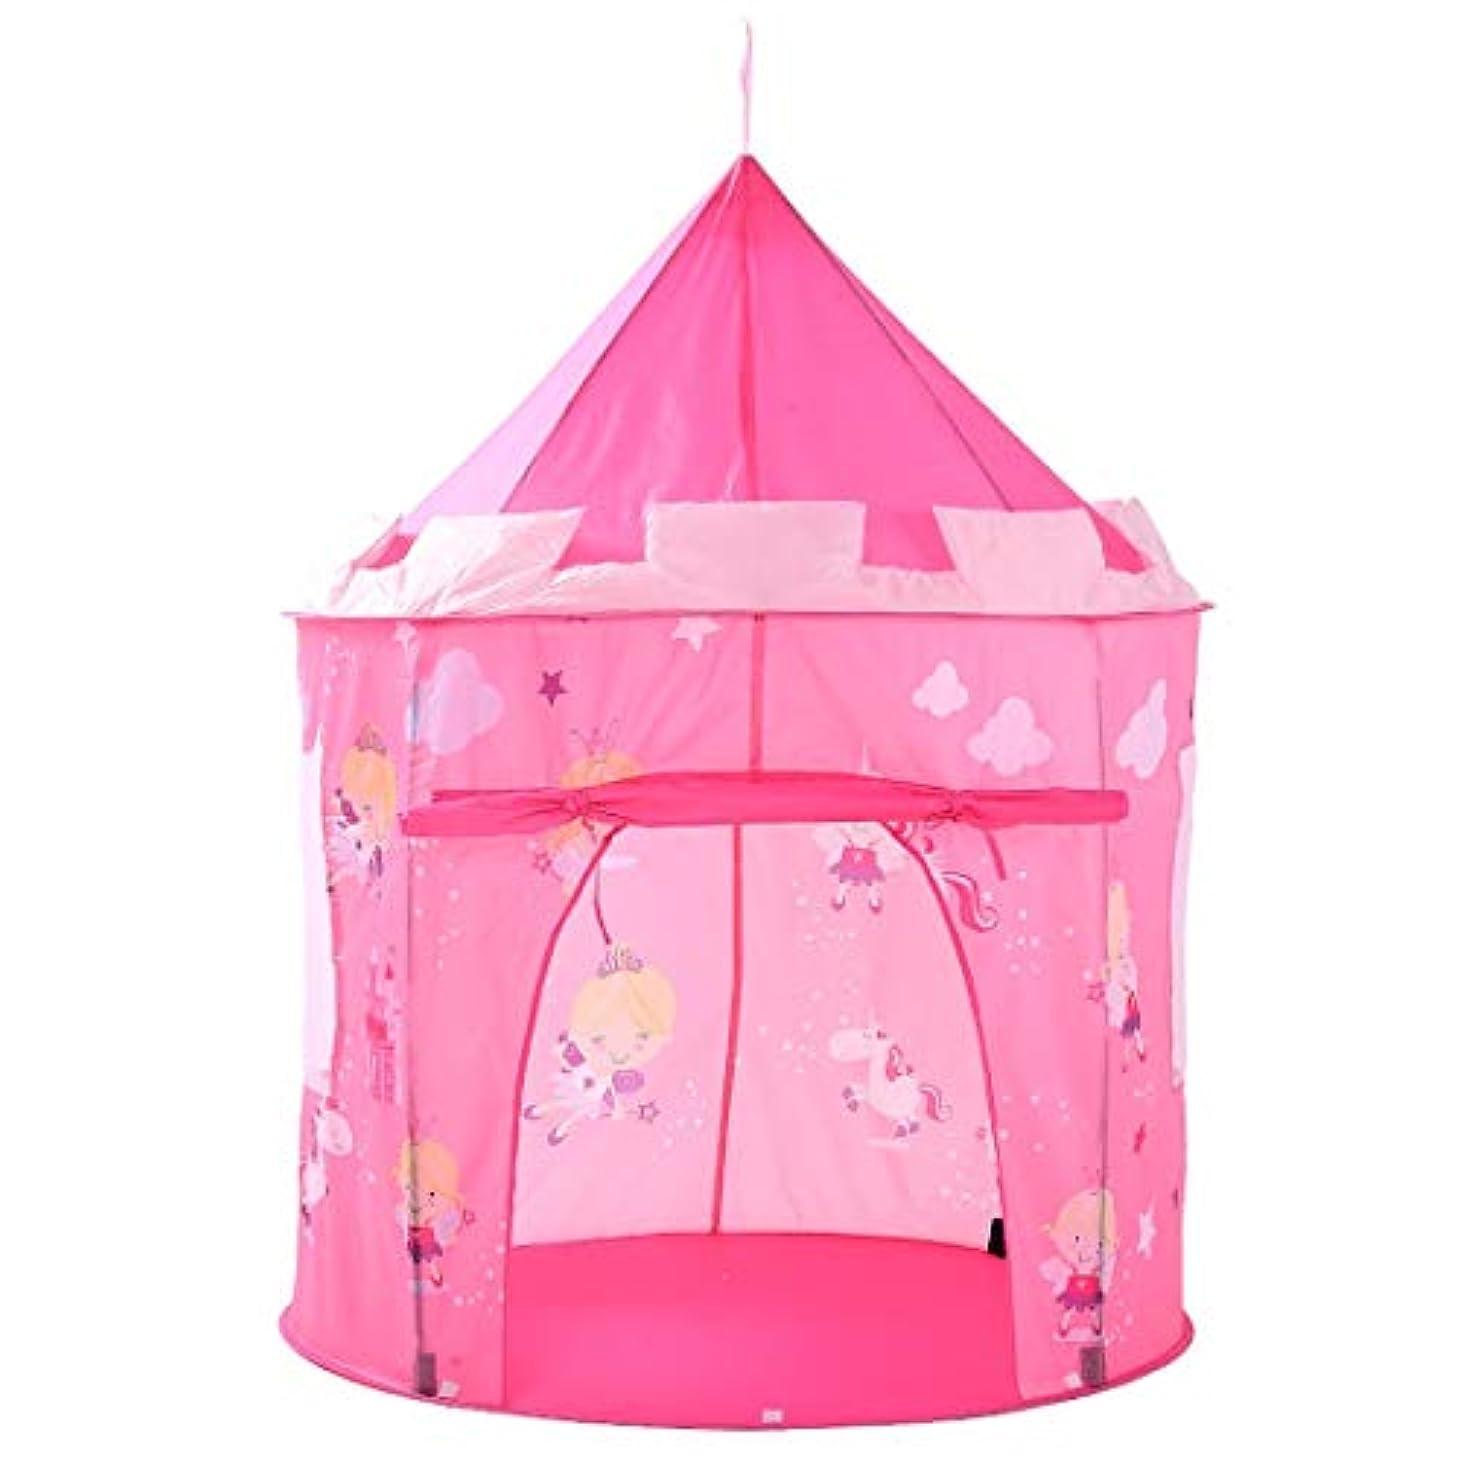 破裂料理終わらせる方朝日スポーツ用品店 ピンクの再生テントのエルフ子供の子供たちのための折り畳み式の屋内のおもちゃのプレイハウスプリント (色 : ピンク)